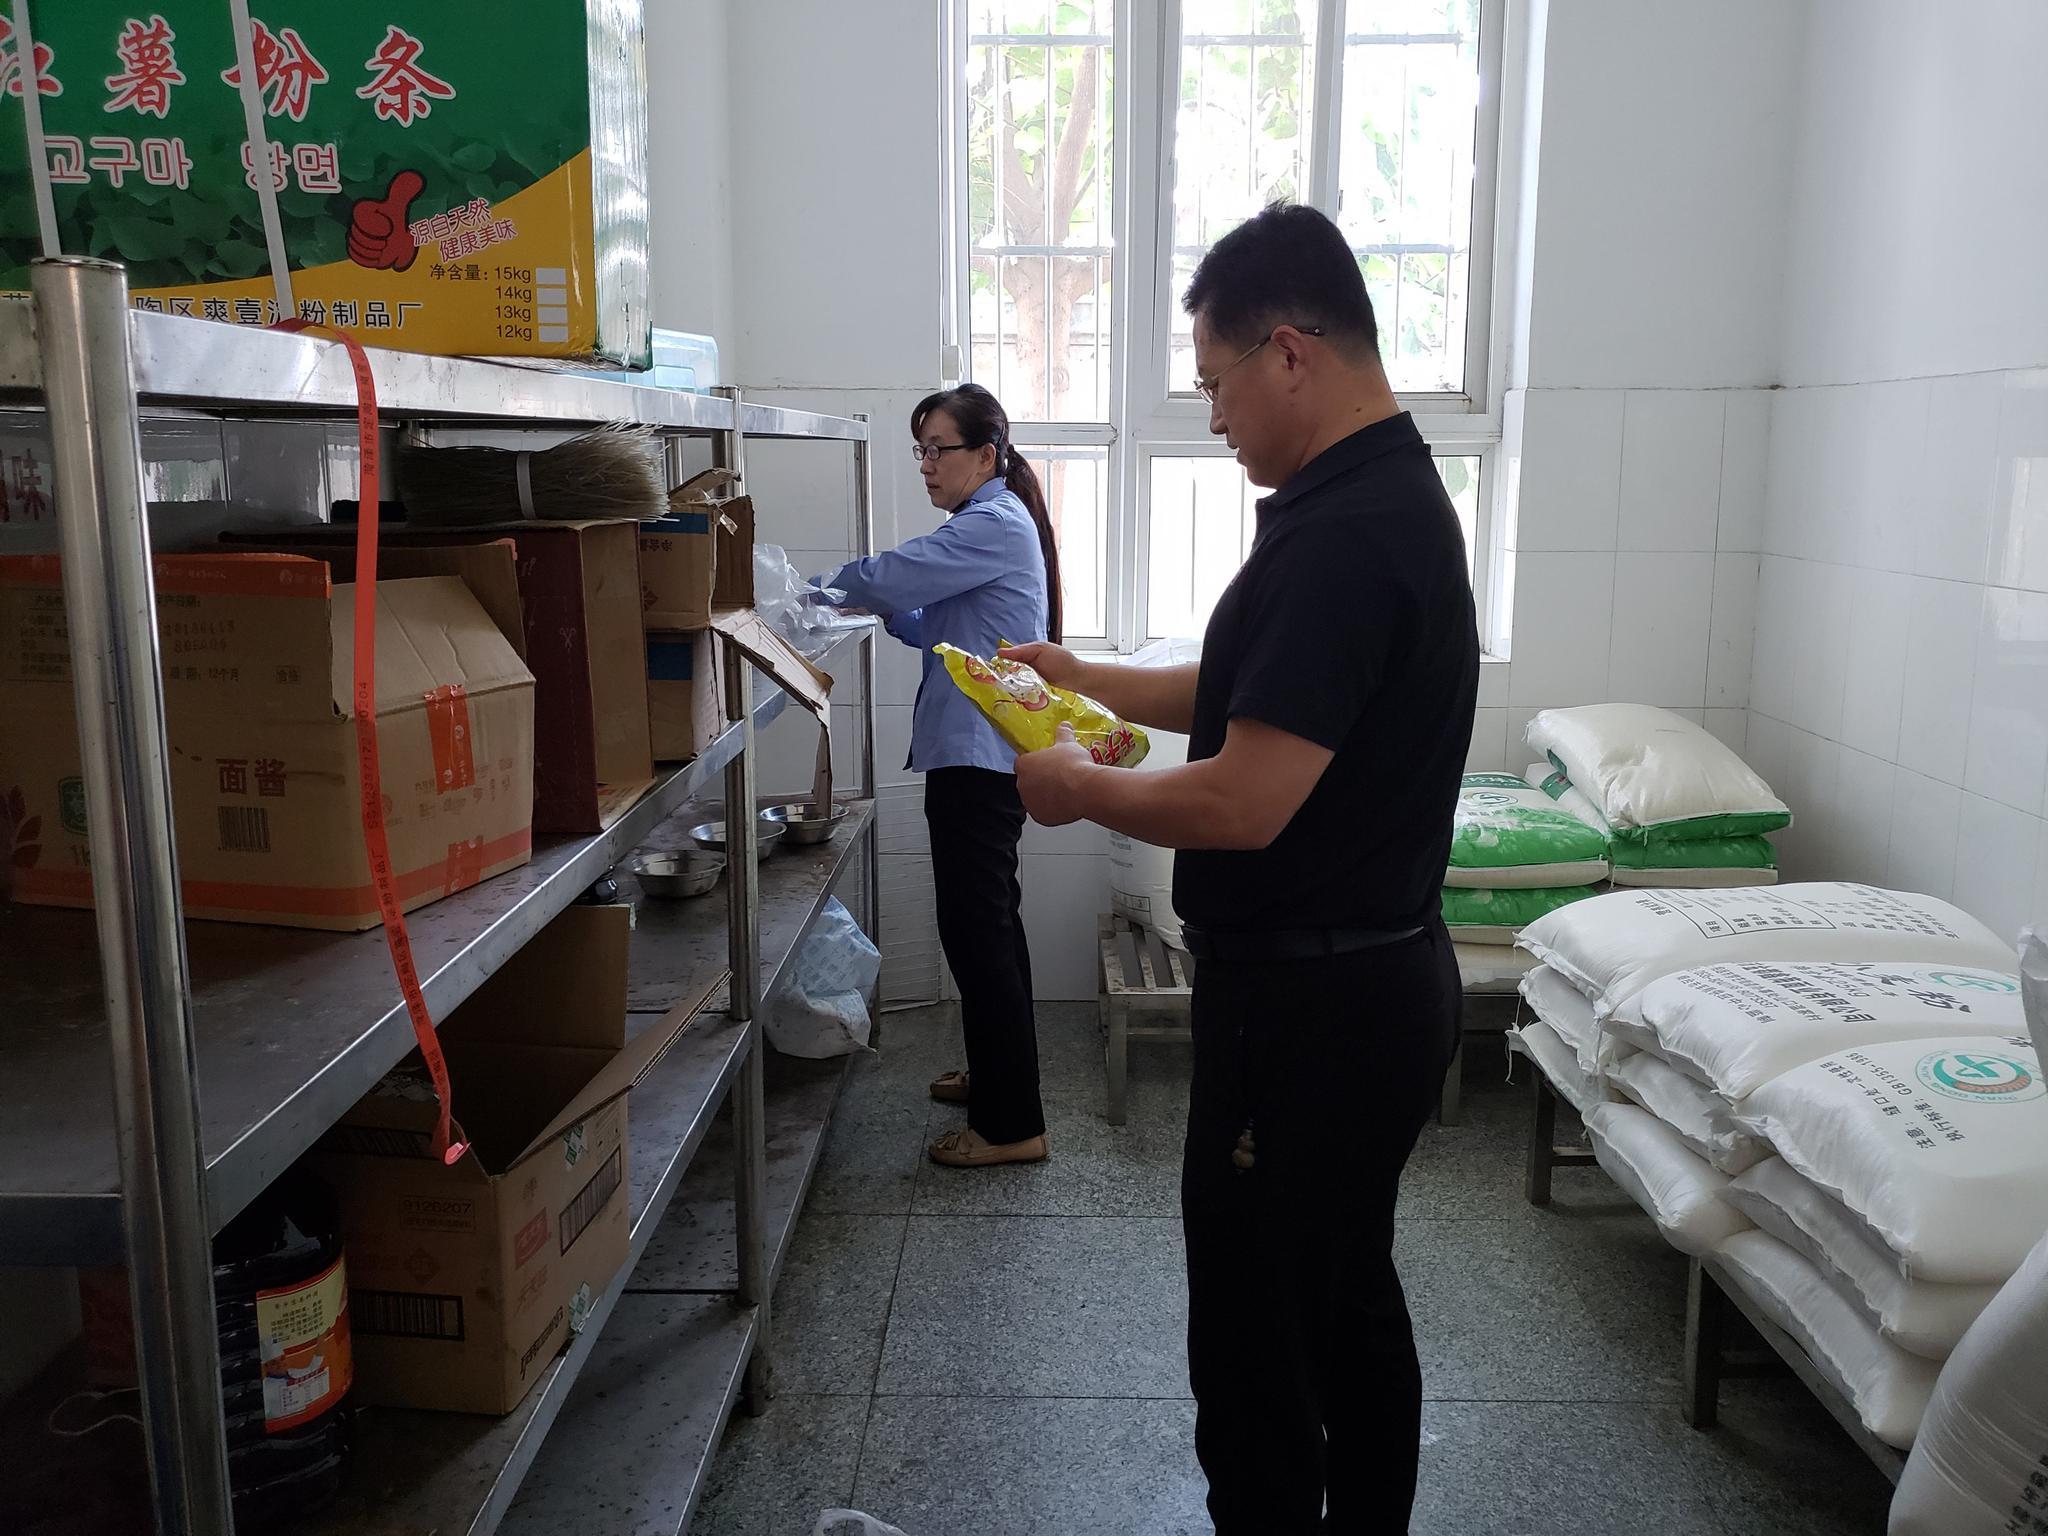 省市场监管开展学校食品检查